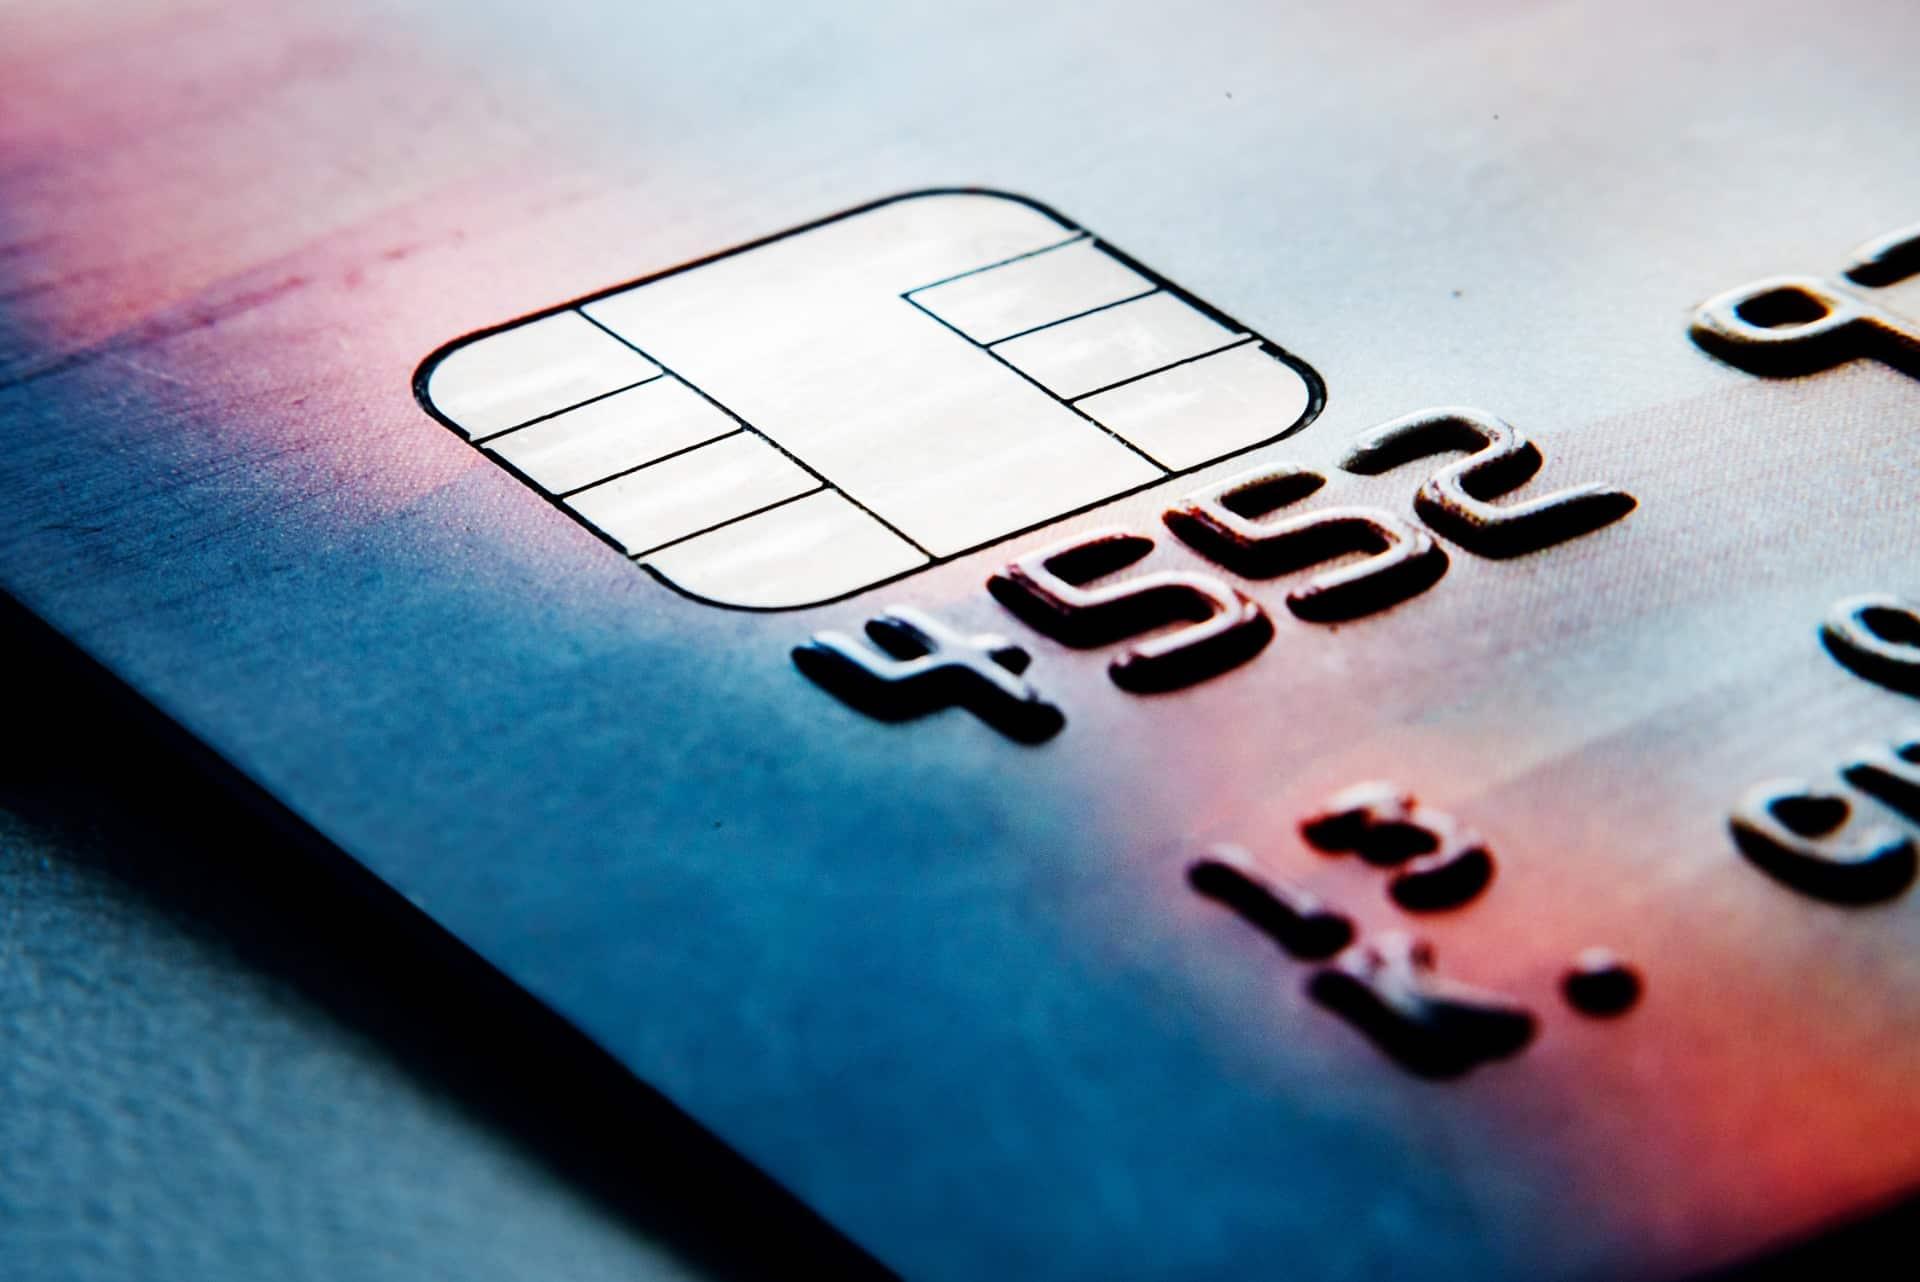 huurauto-eindelijk-ook-mogelijk-zonder-creditcard